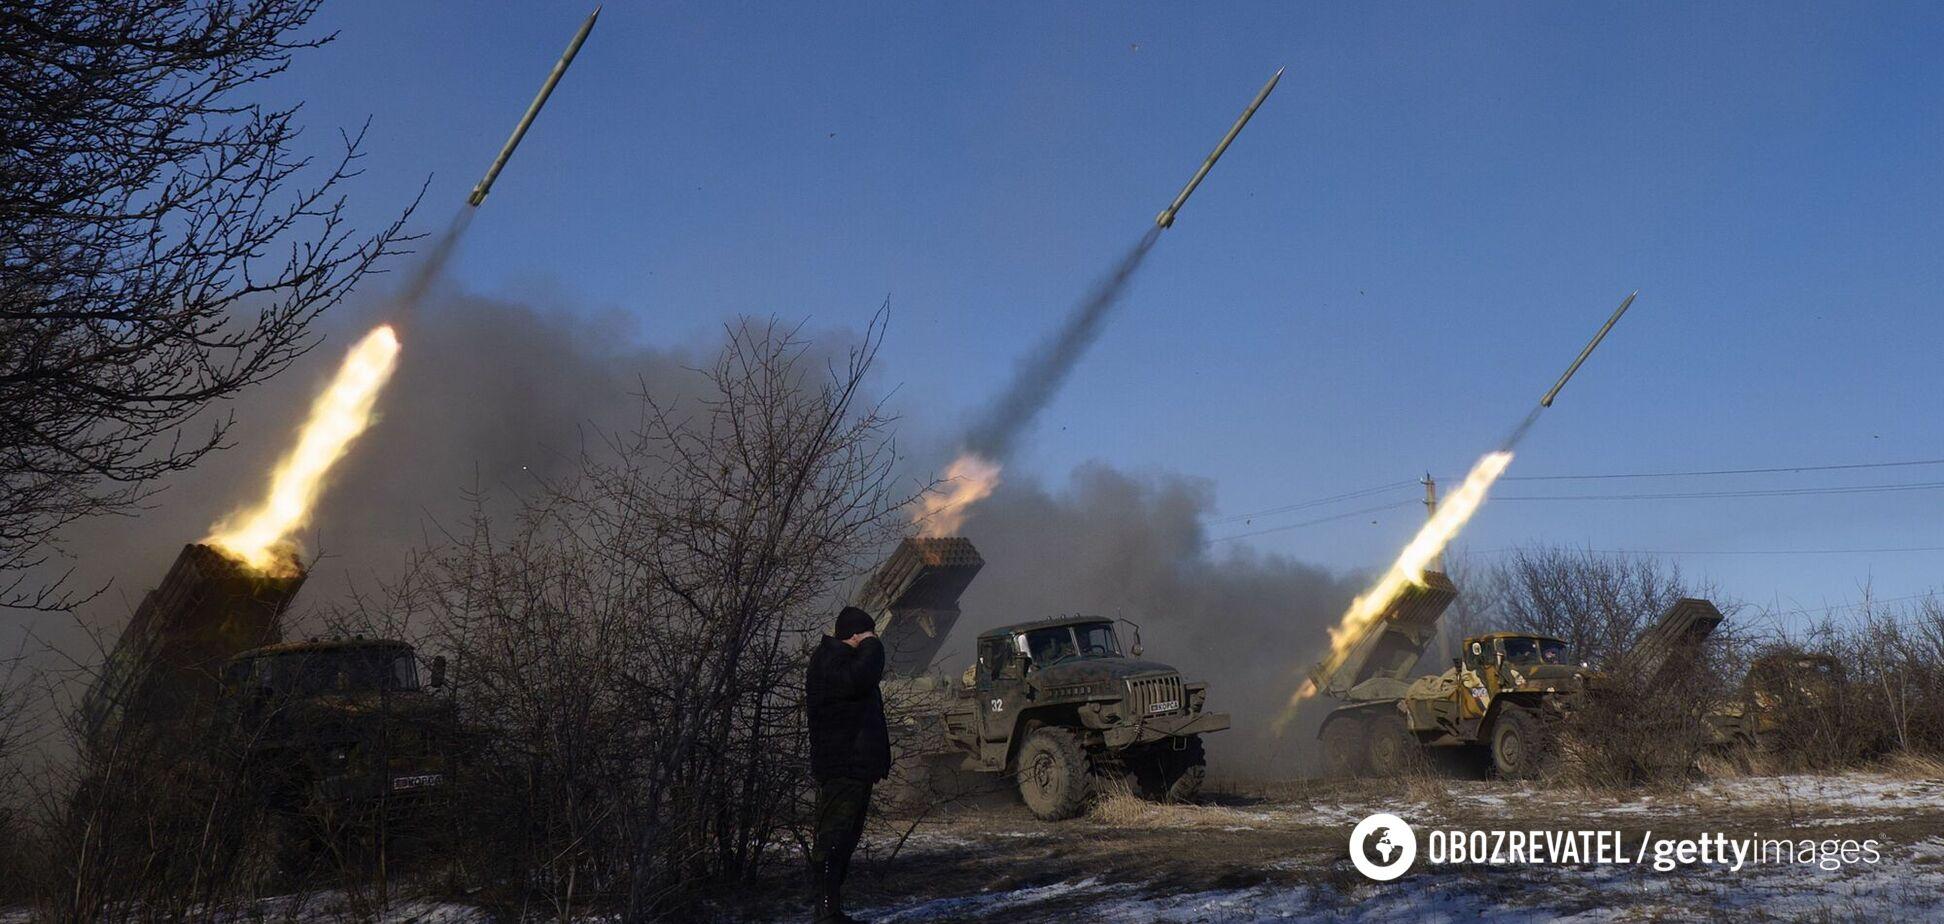 На Донбасі окупанти застосували проти ЗСУ ракетний комплекс – зведення ООС